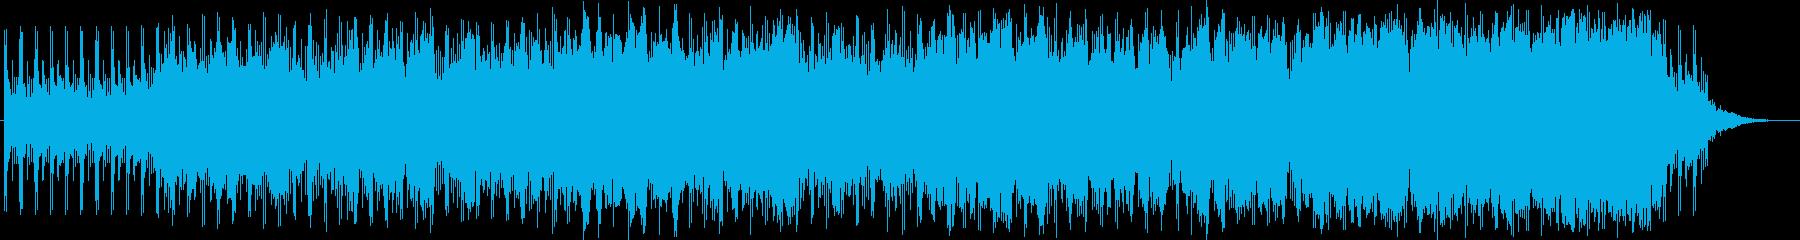 戦いの序曲の再生済みの波形